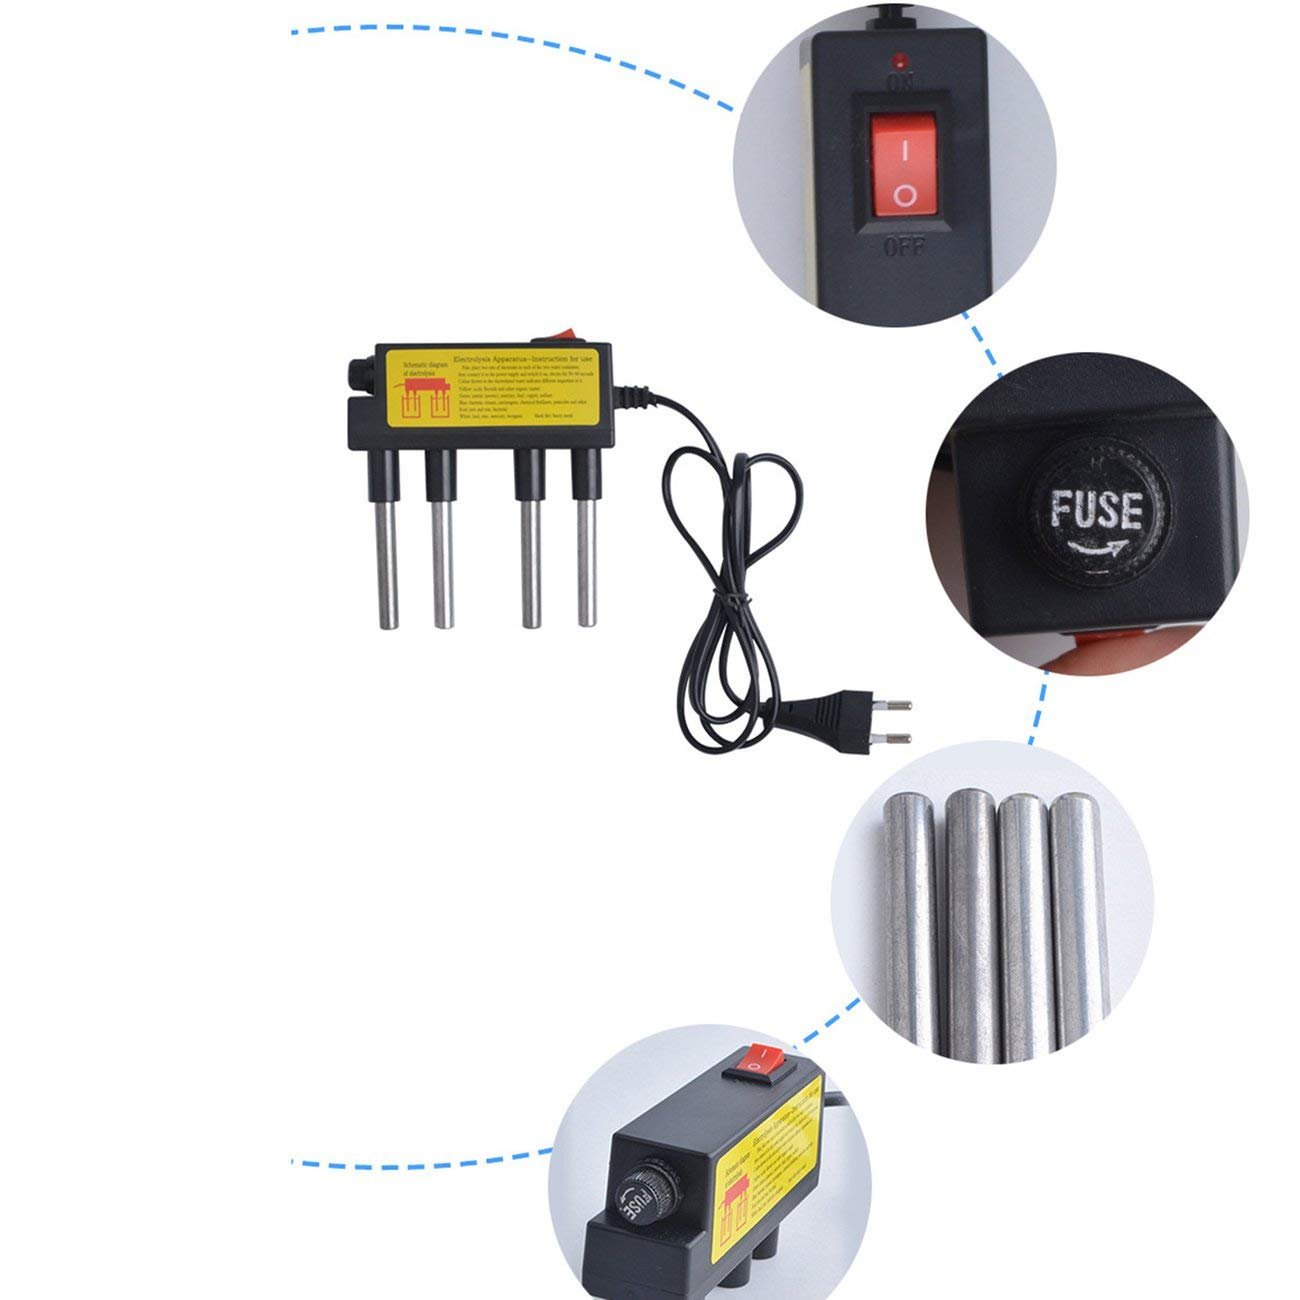 Elviray Wasserelektrolyse-Test Elektrolyse-Wasserwerkzeuge TDS-Teststift F/ür die Pr/üfung von Trinkwasser und Wasseraufbereitern zu Hause